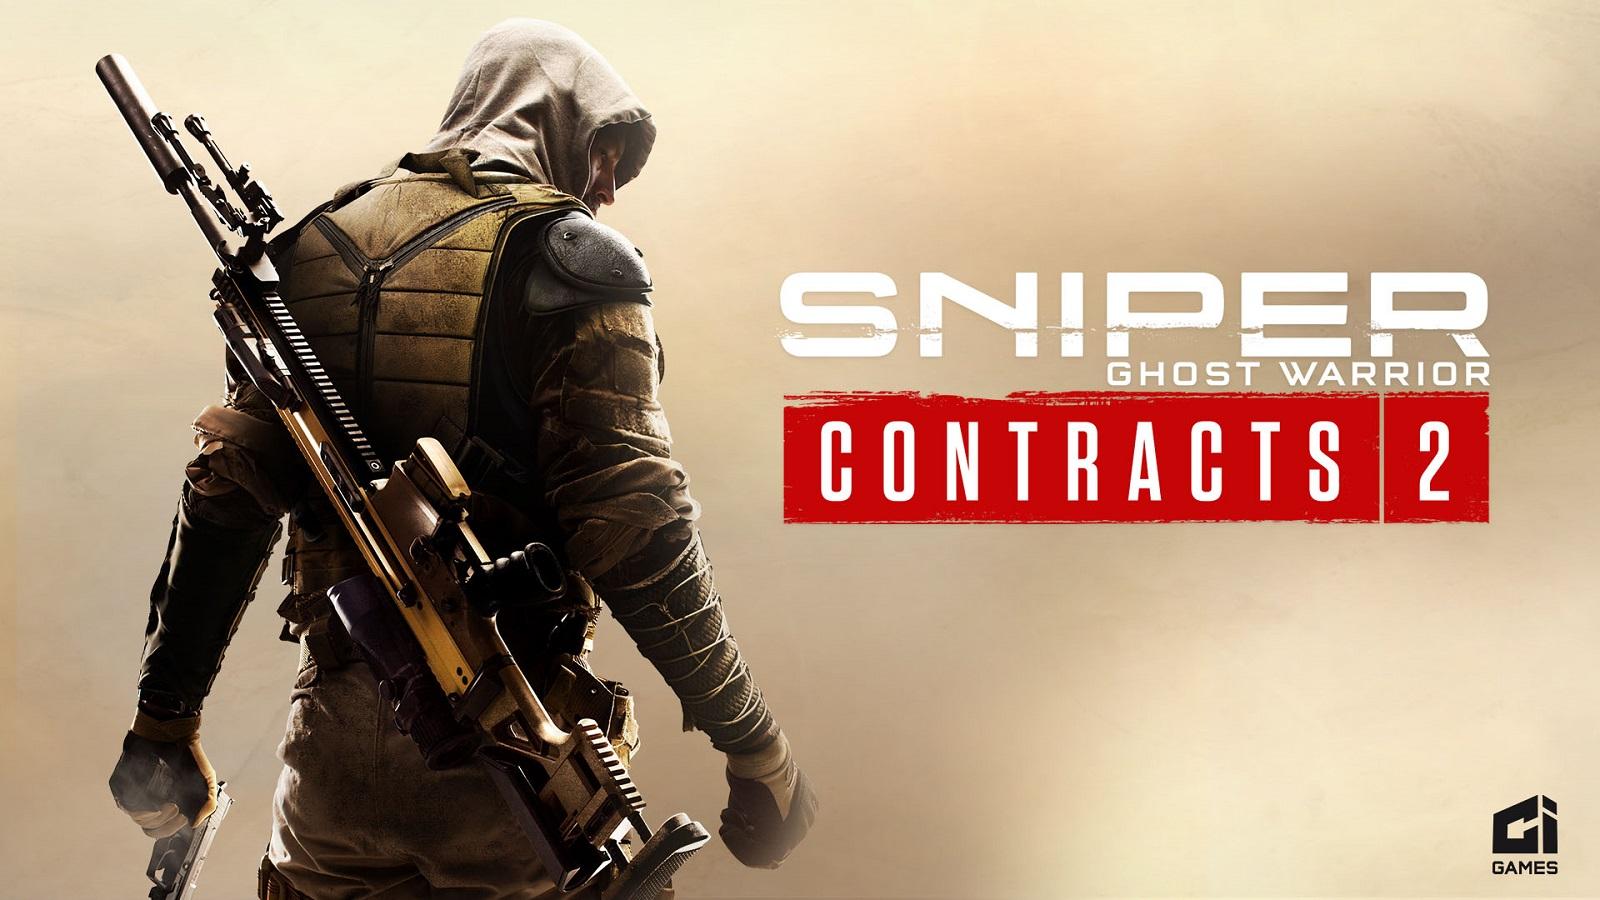 Релиз снайперского шутера Sniper Ghost Warrior Contracts 2 отложили до первого квартала 2021 года